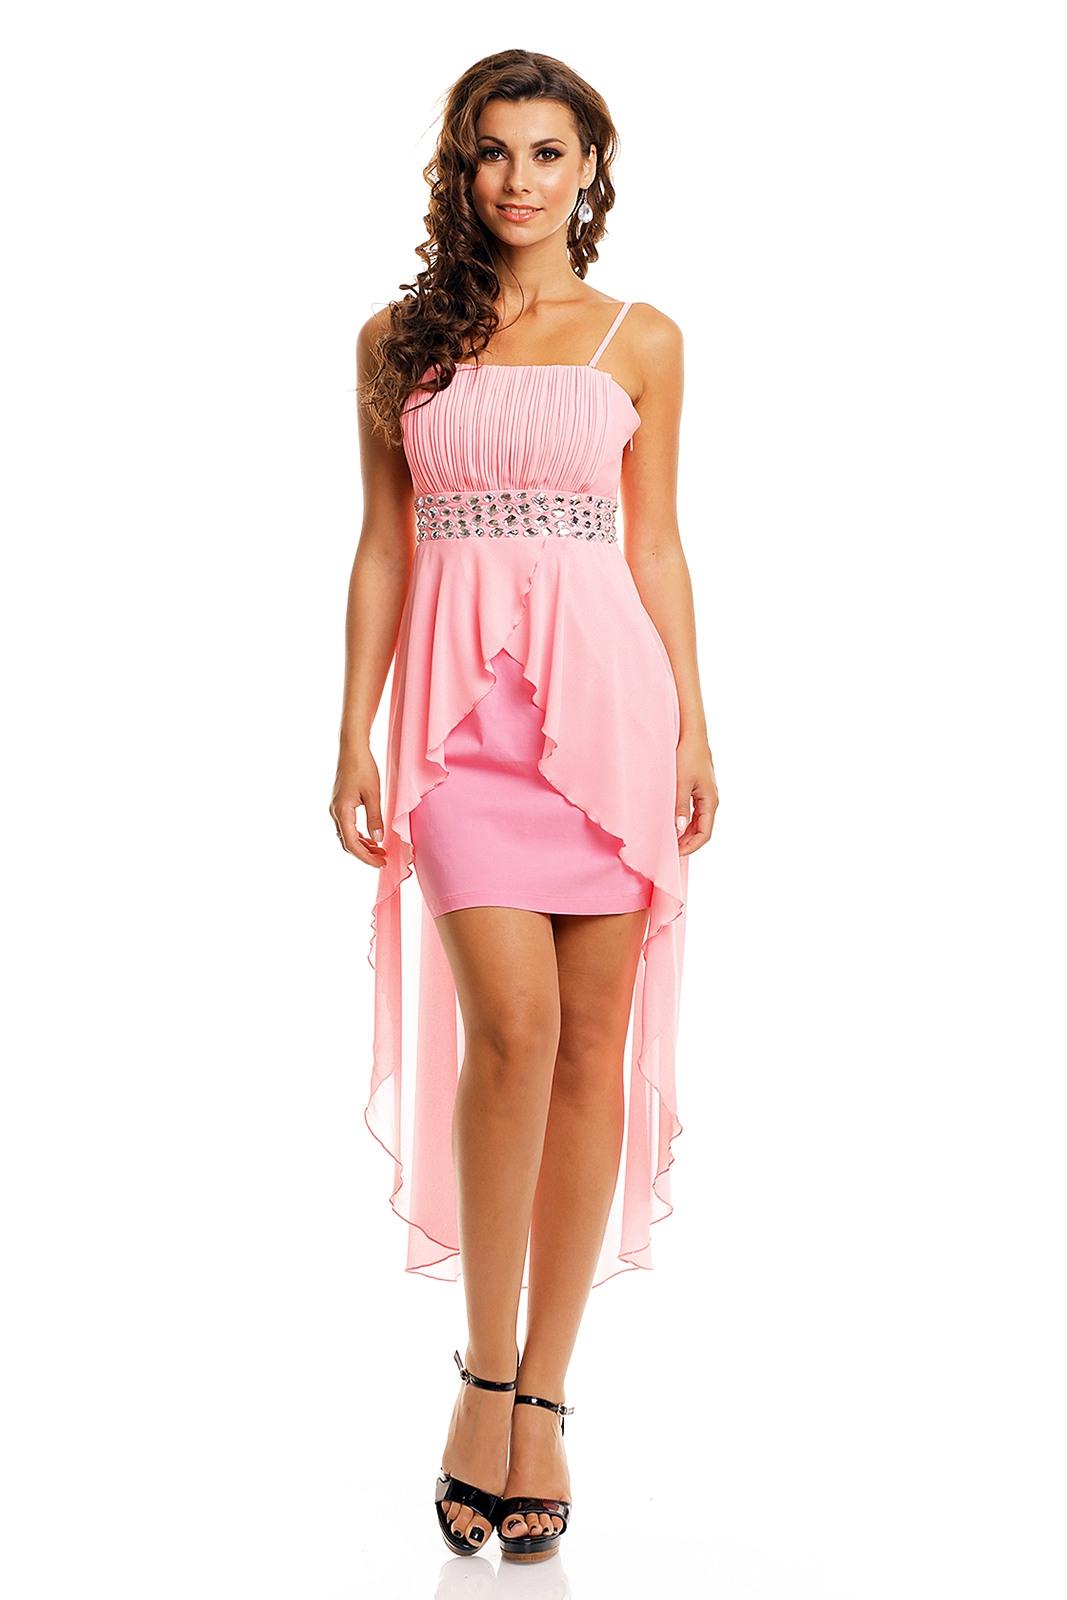 13 Schön Schönes Abend Kleid Ärmel15 Wunderbar Schönes Abend Kleid Bester Preis